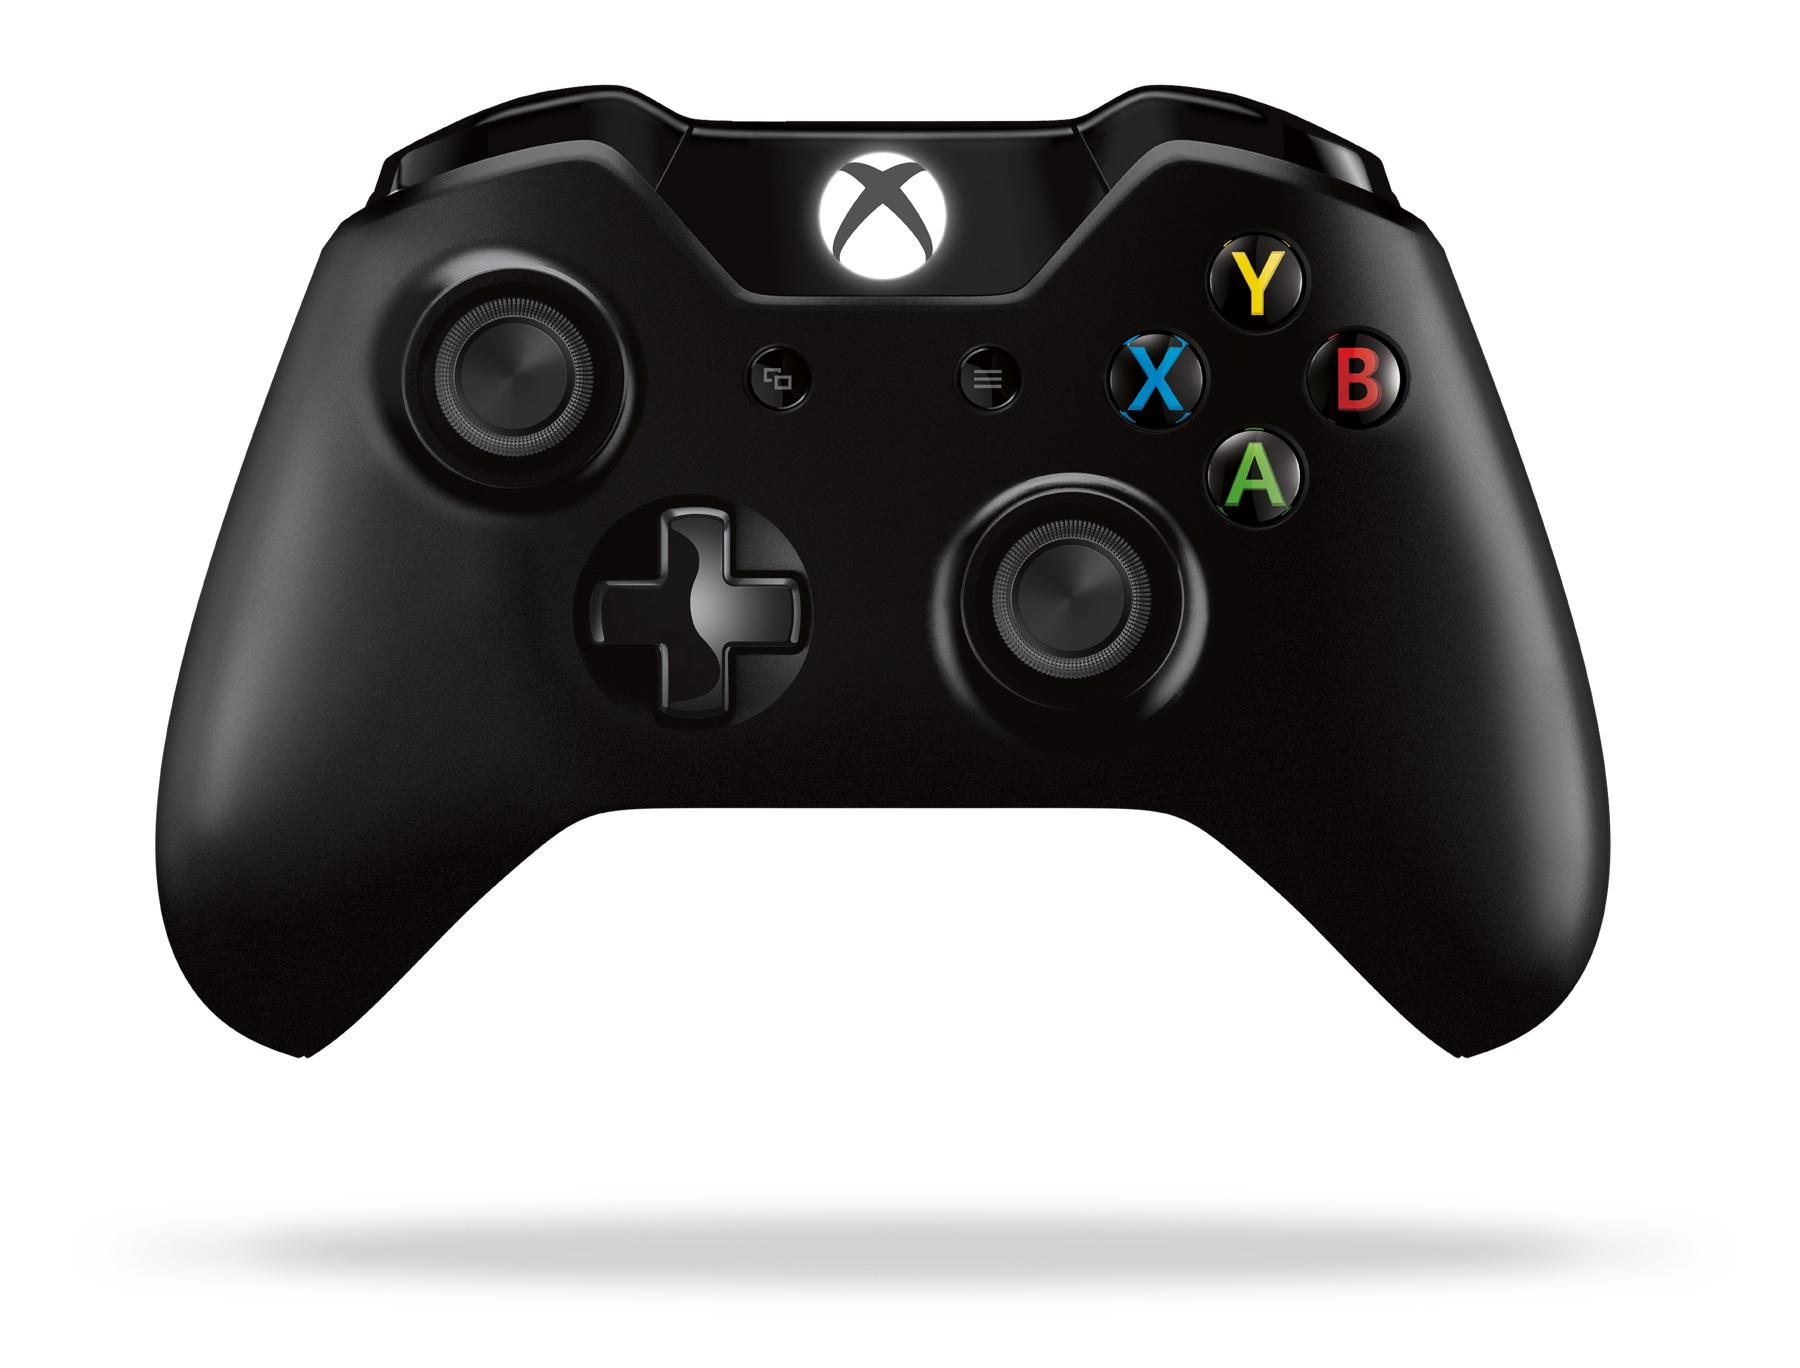 Xbox-One-Controller funktionieren jetzt auch am PC - News ...